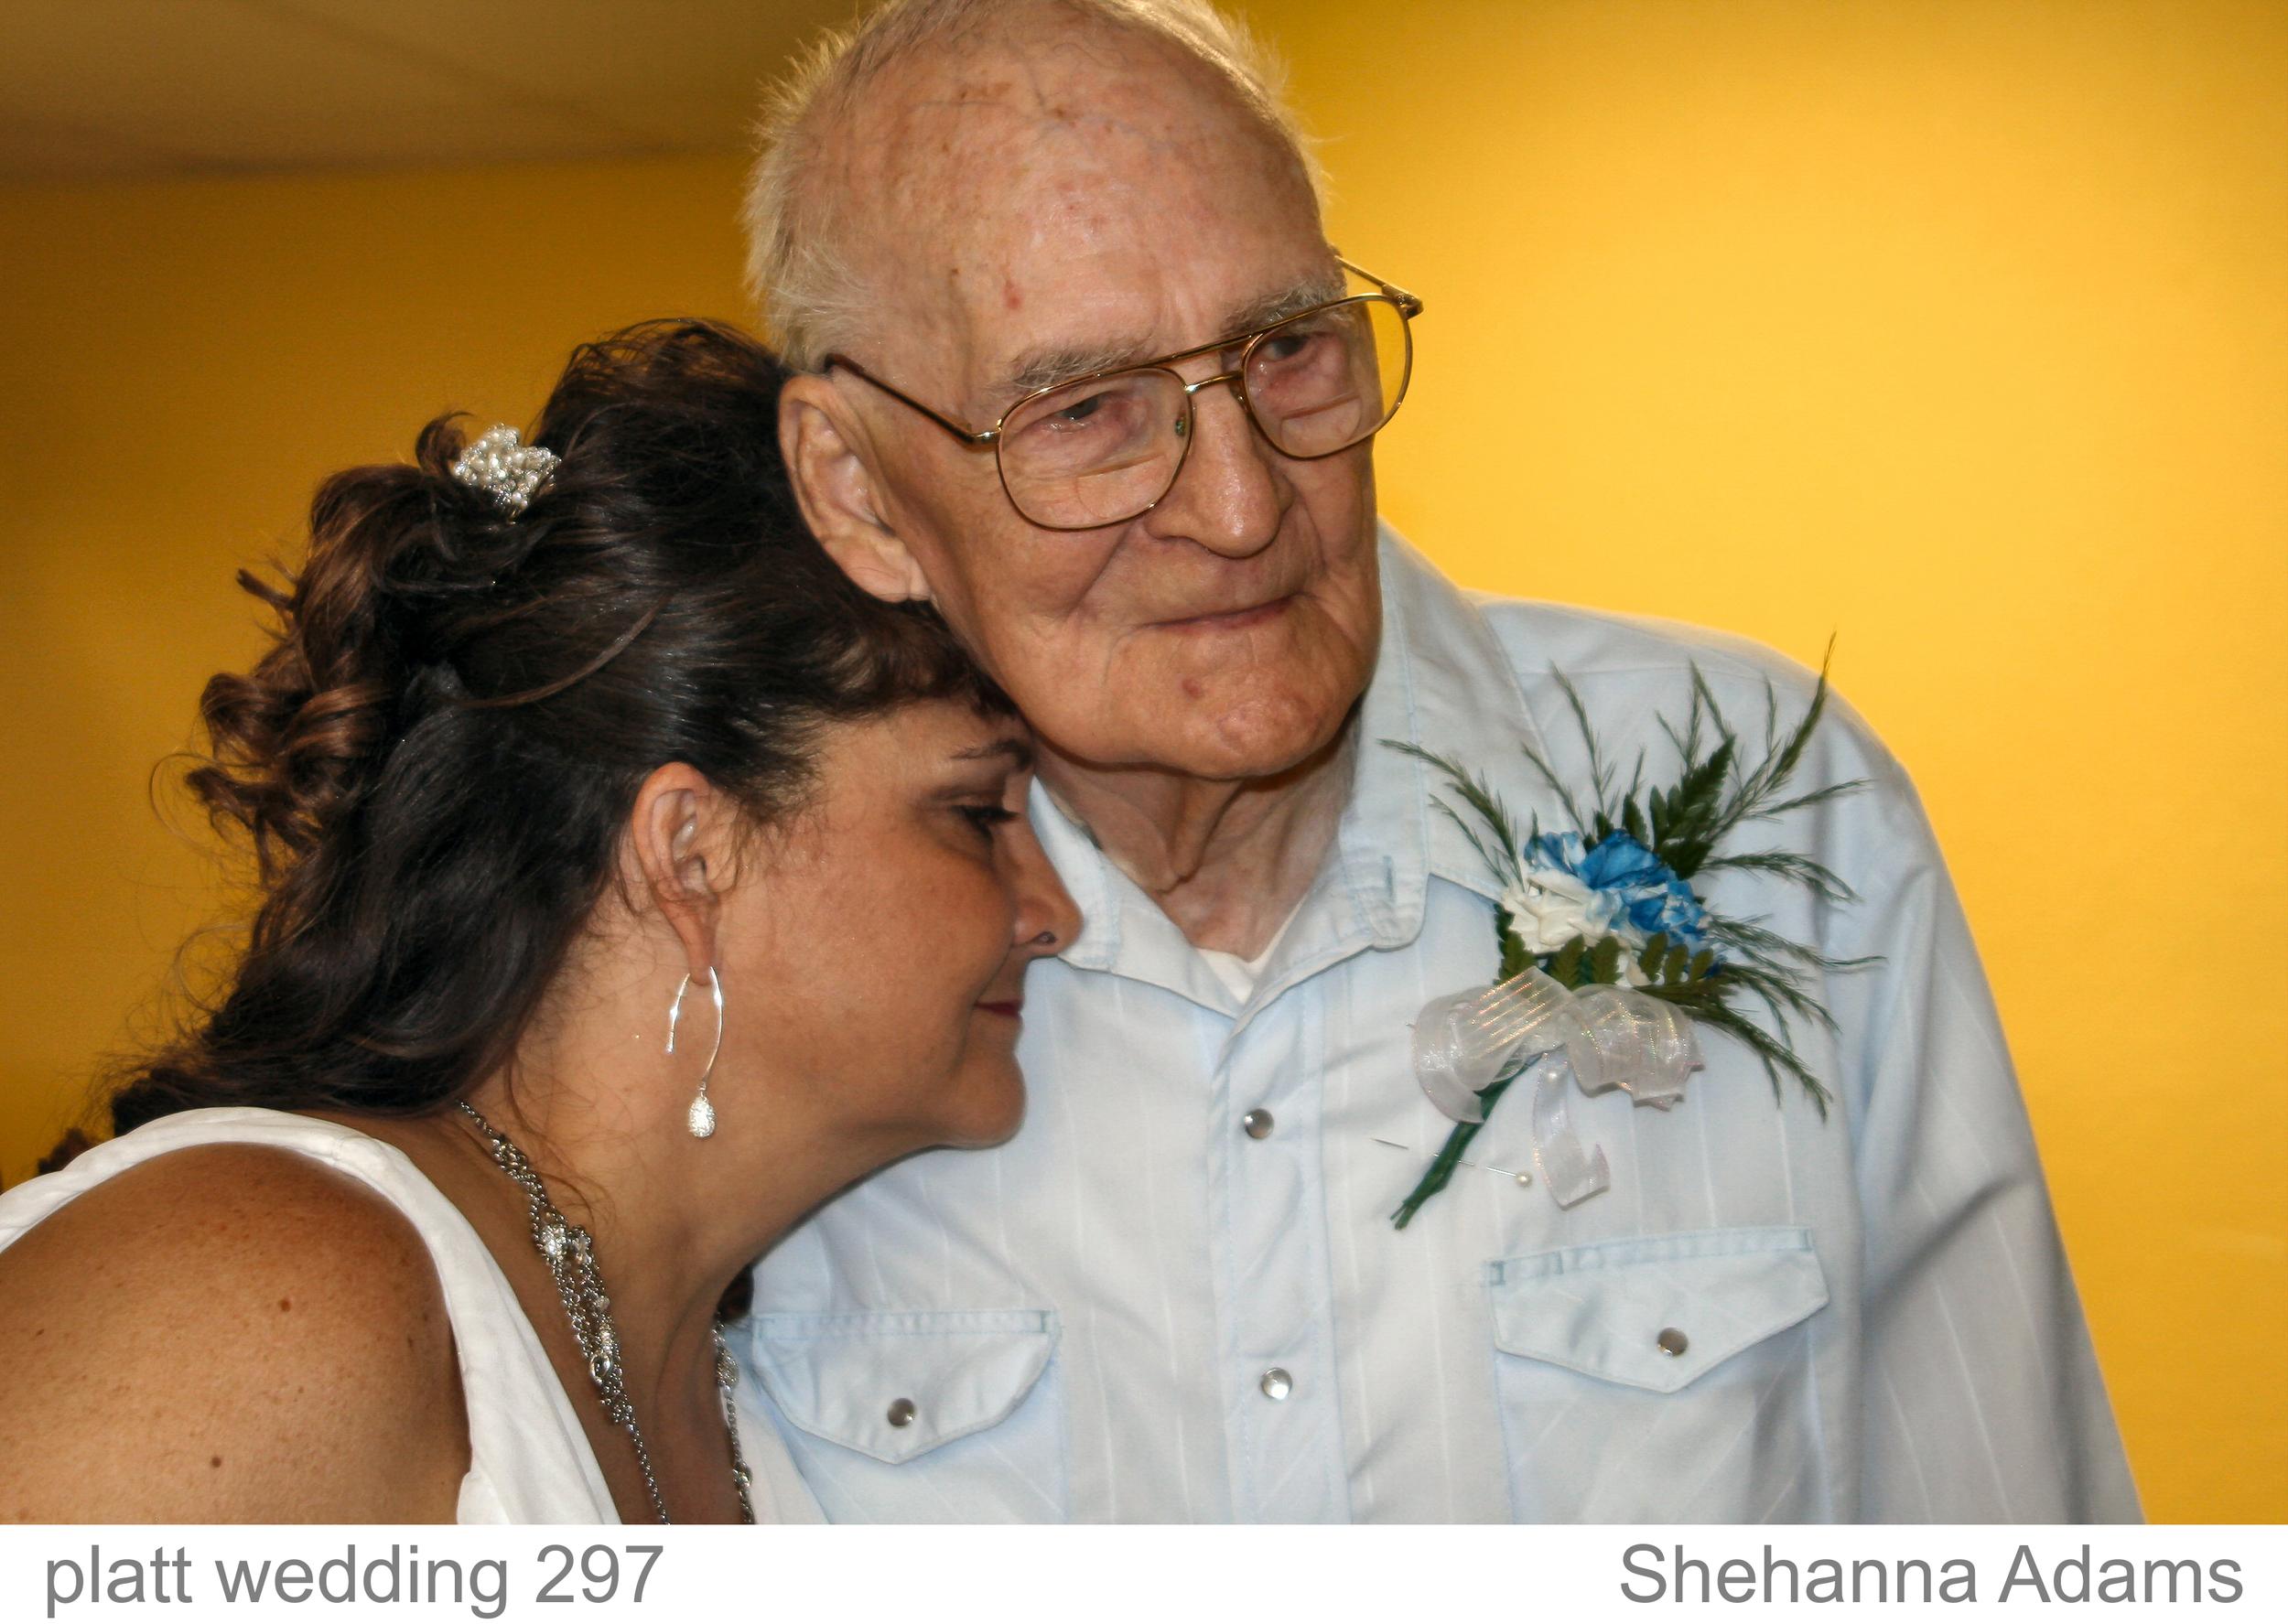 platt wedding 297.jpg